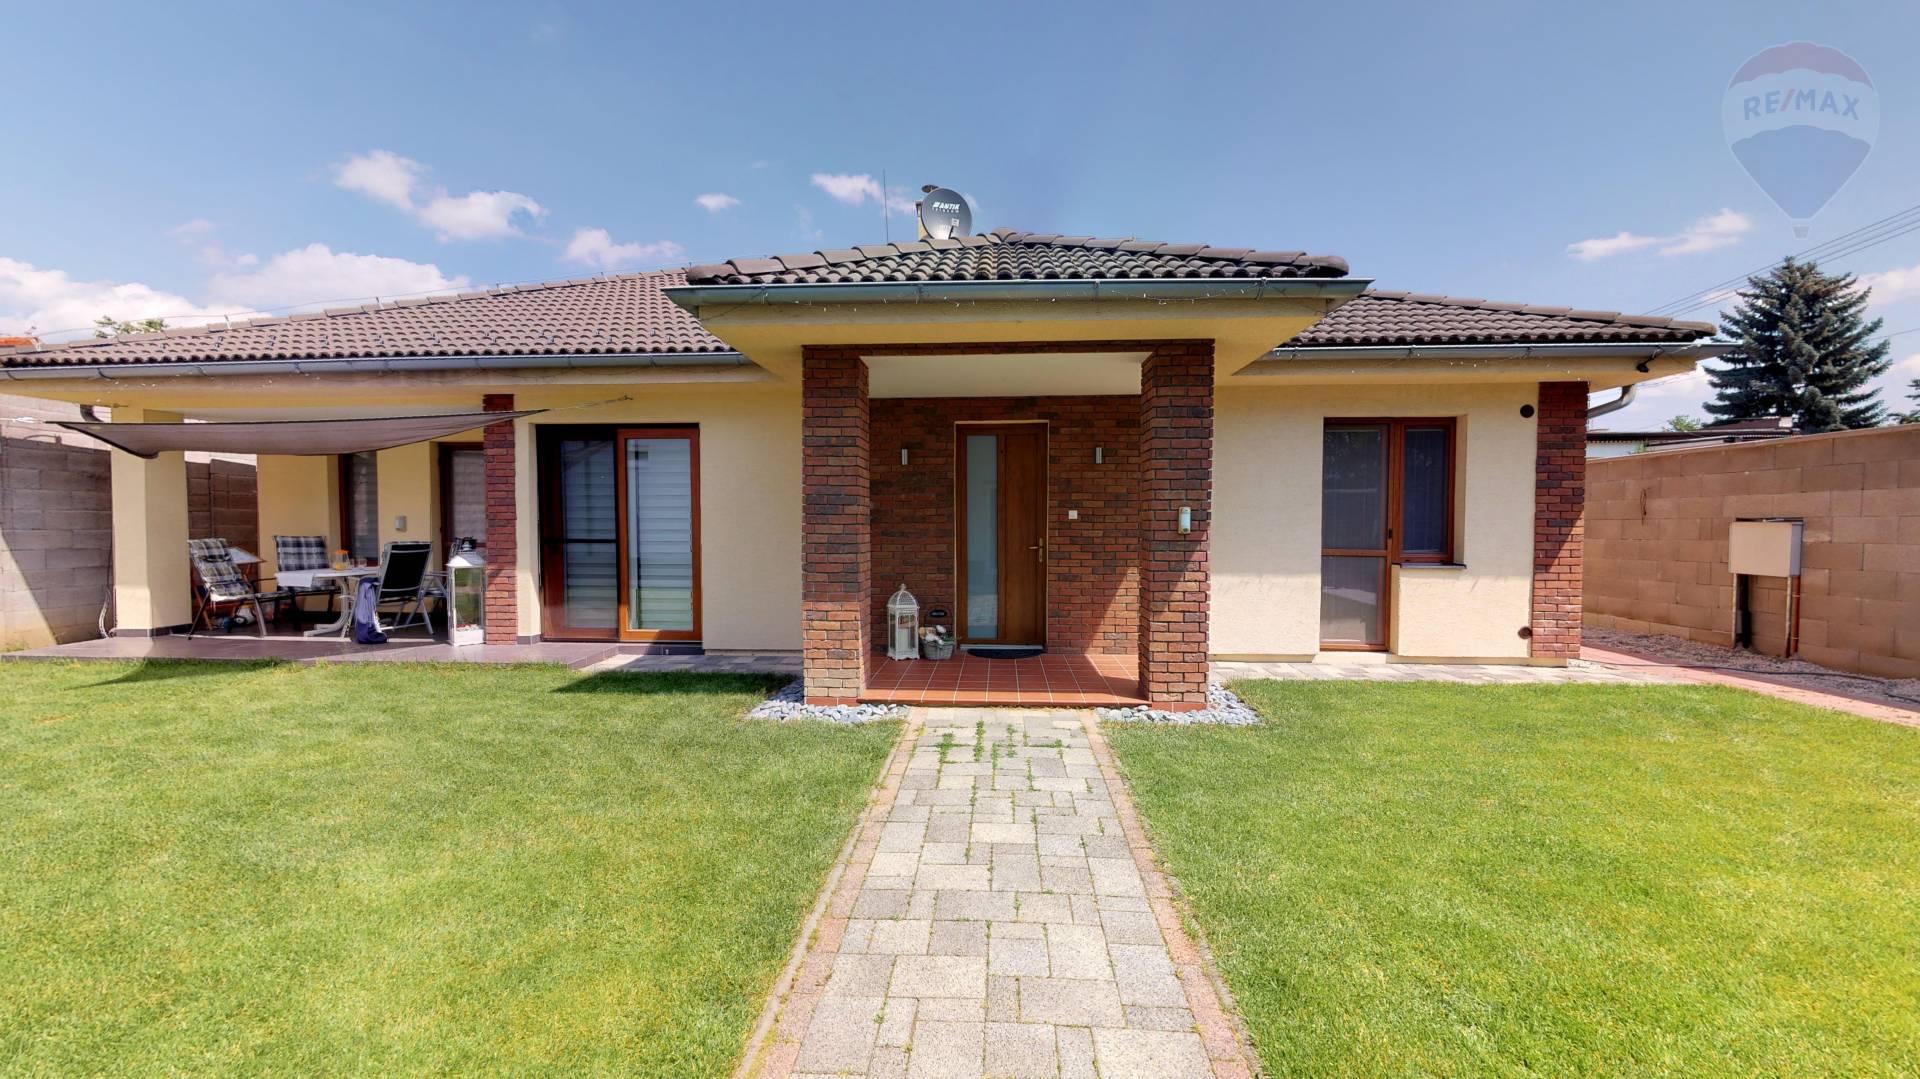 NOVOSTAVBA - Rodinný dom 5 izbový ul. Ľ. Štúra - vyhľadávaná lokalita mesta PRIEVIDZA